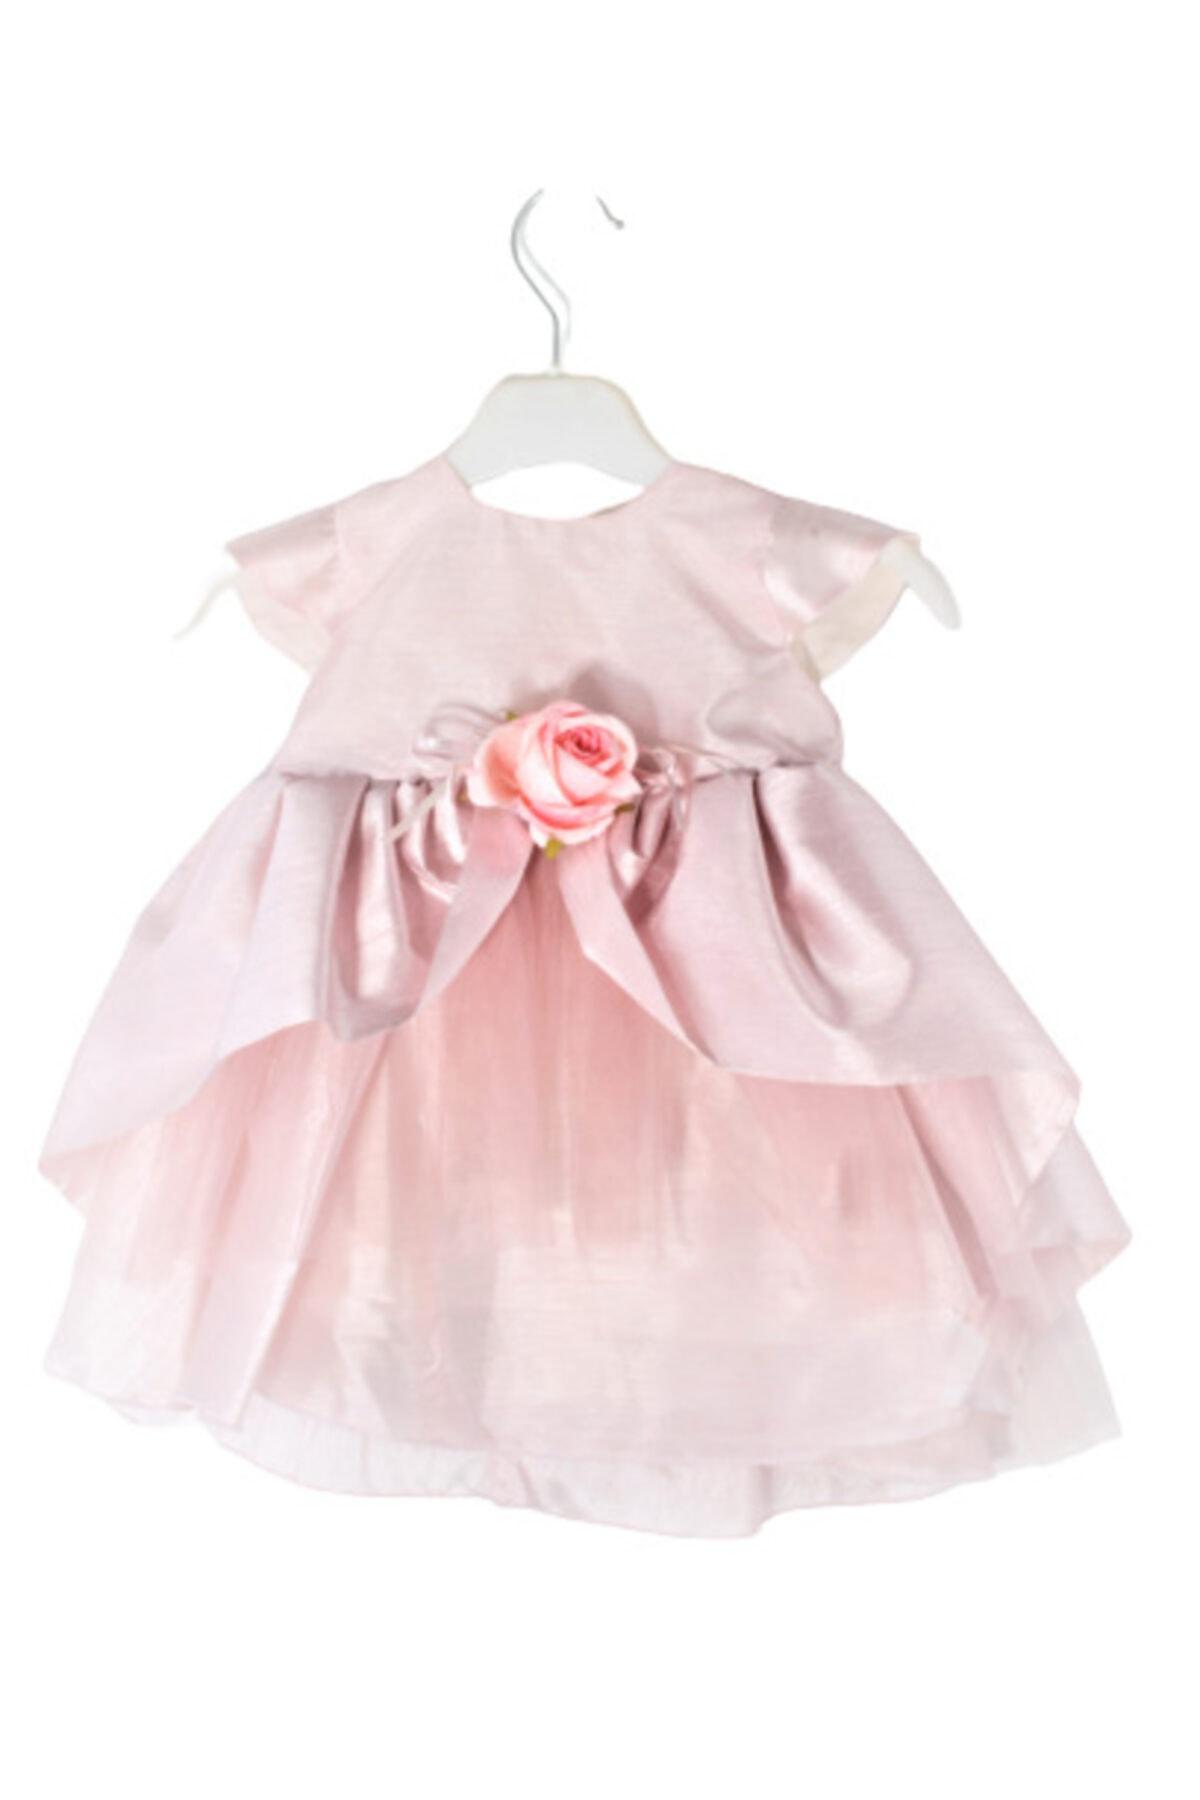 CHIC Bebe Kız Bebek Somon Tafta Abiye Elbise 1